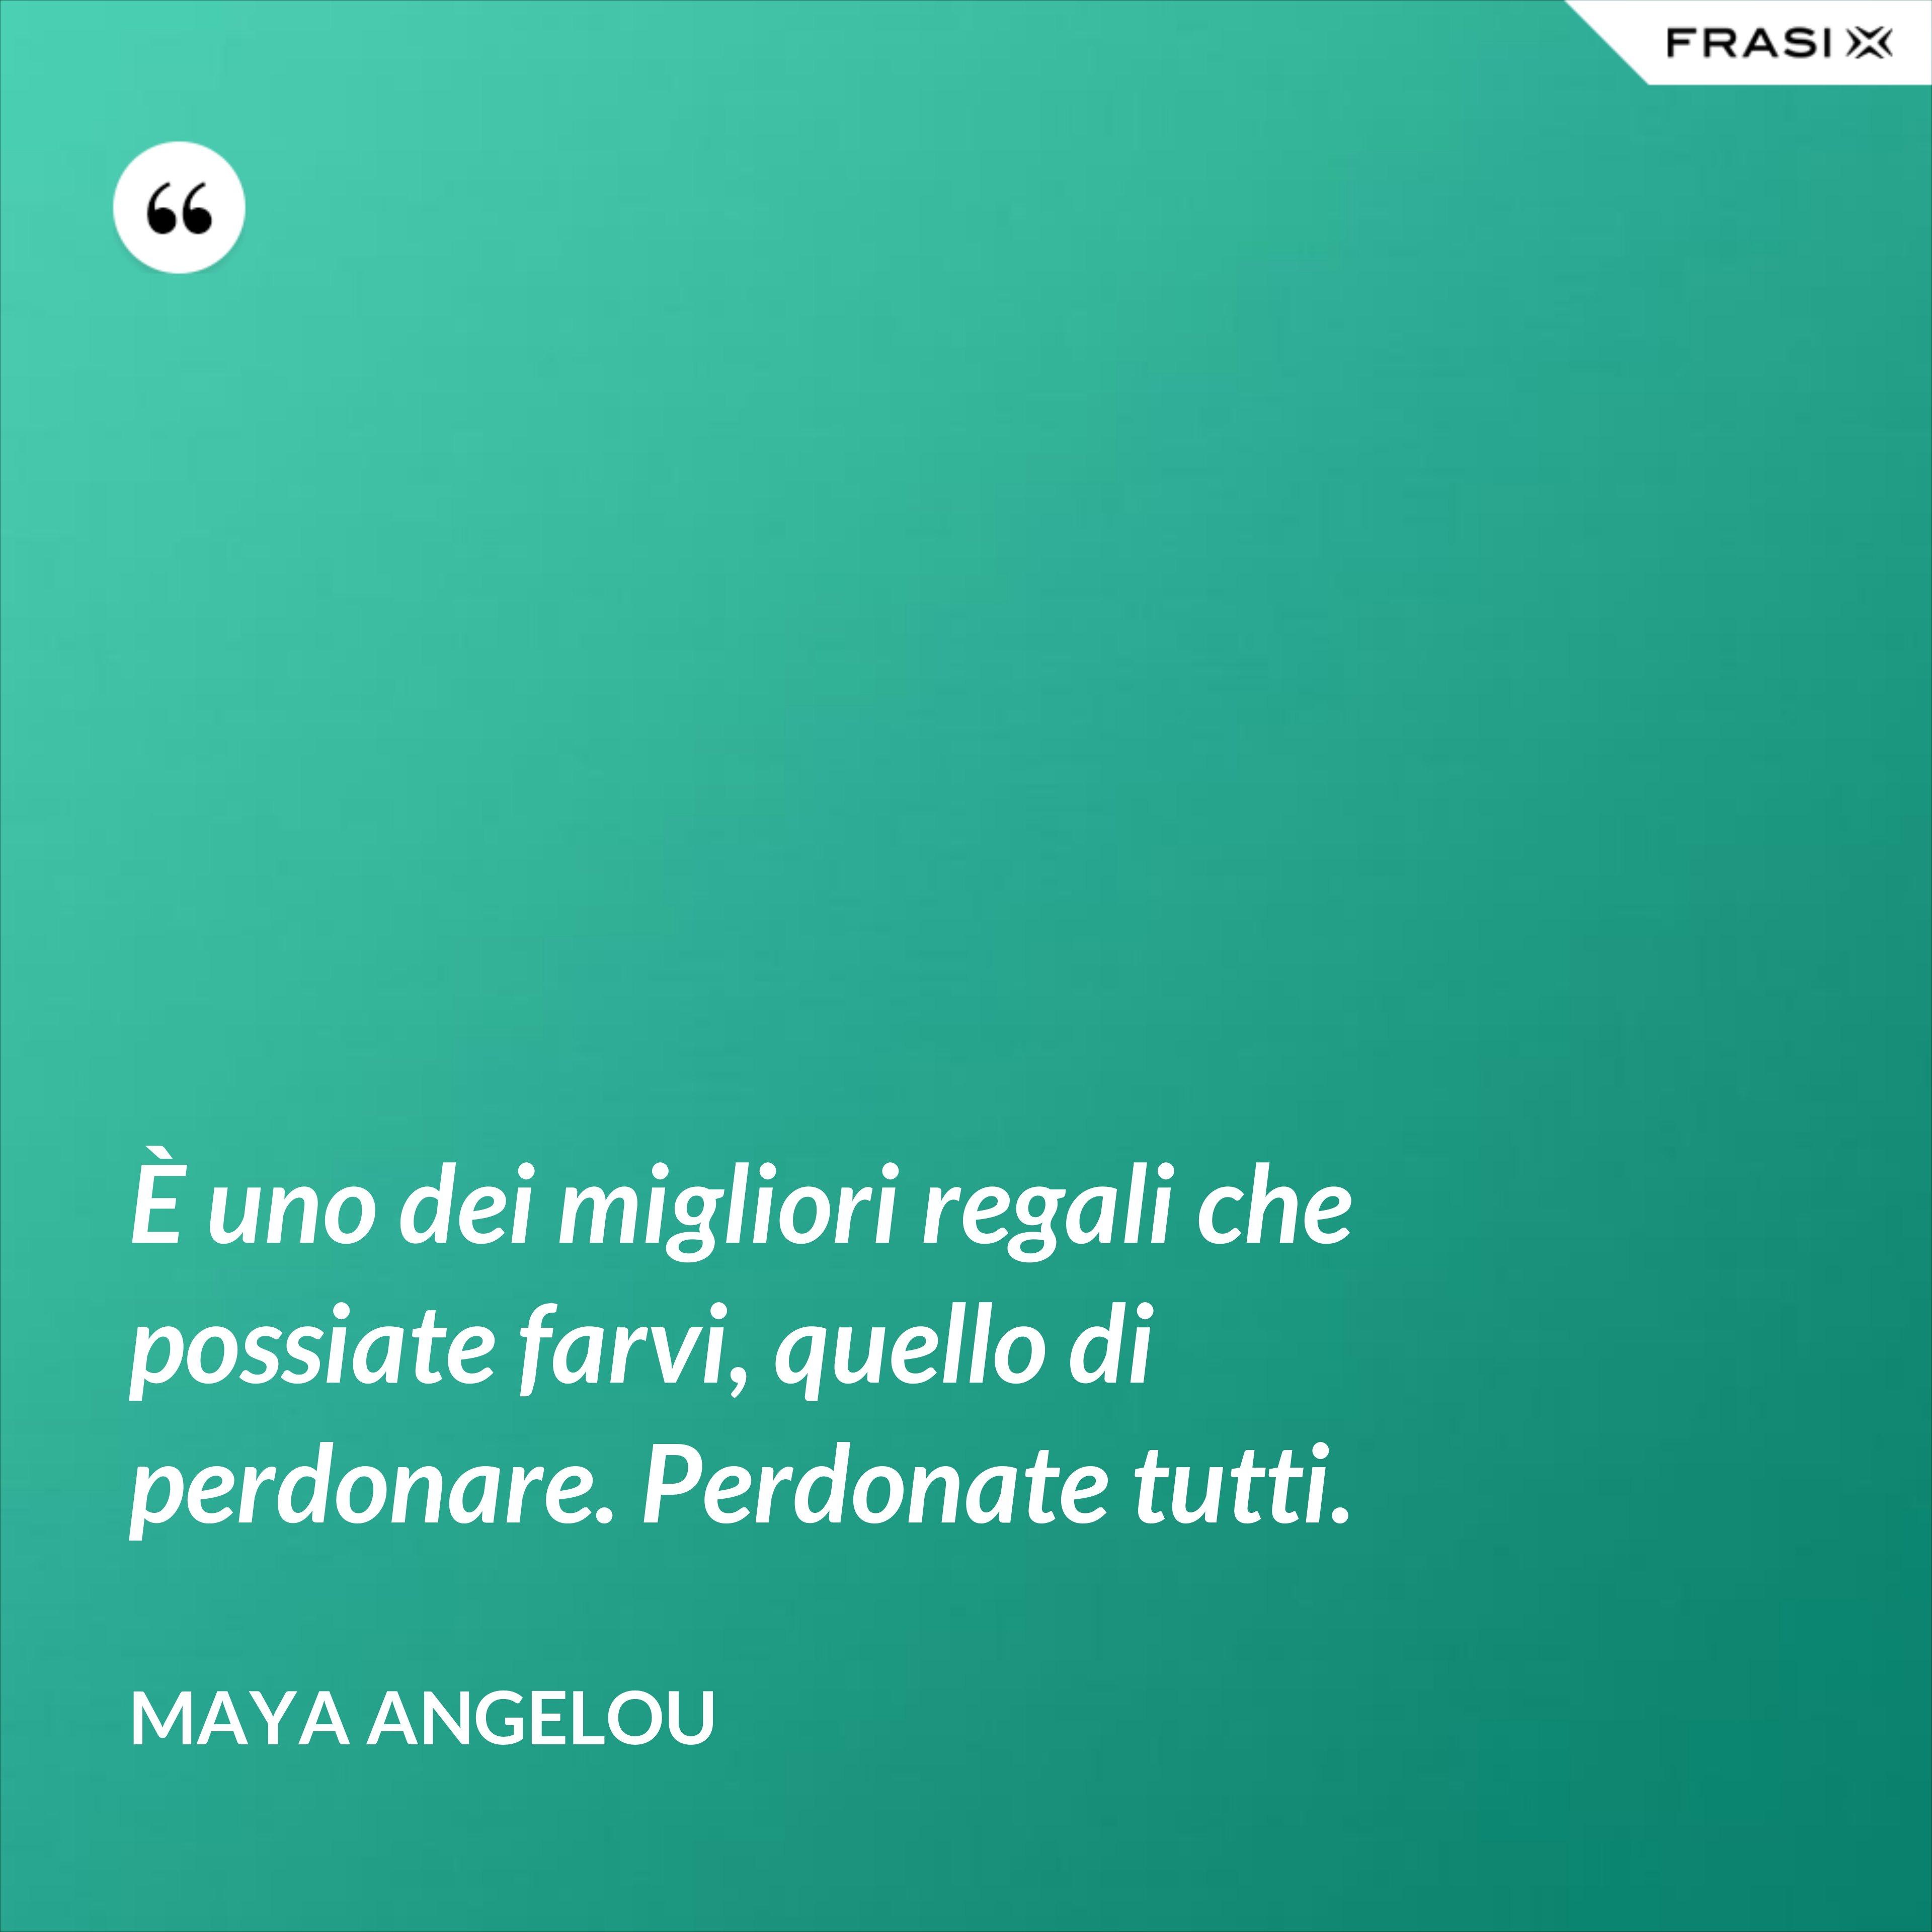 È uno dei migliori regali che possiate farvi, quello di perdonare. Perdonate tutti. - Maya Angelou